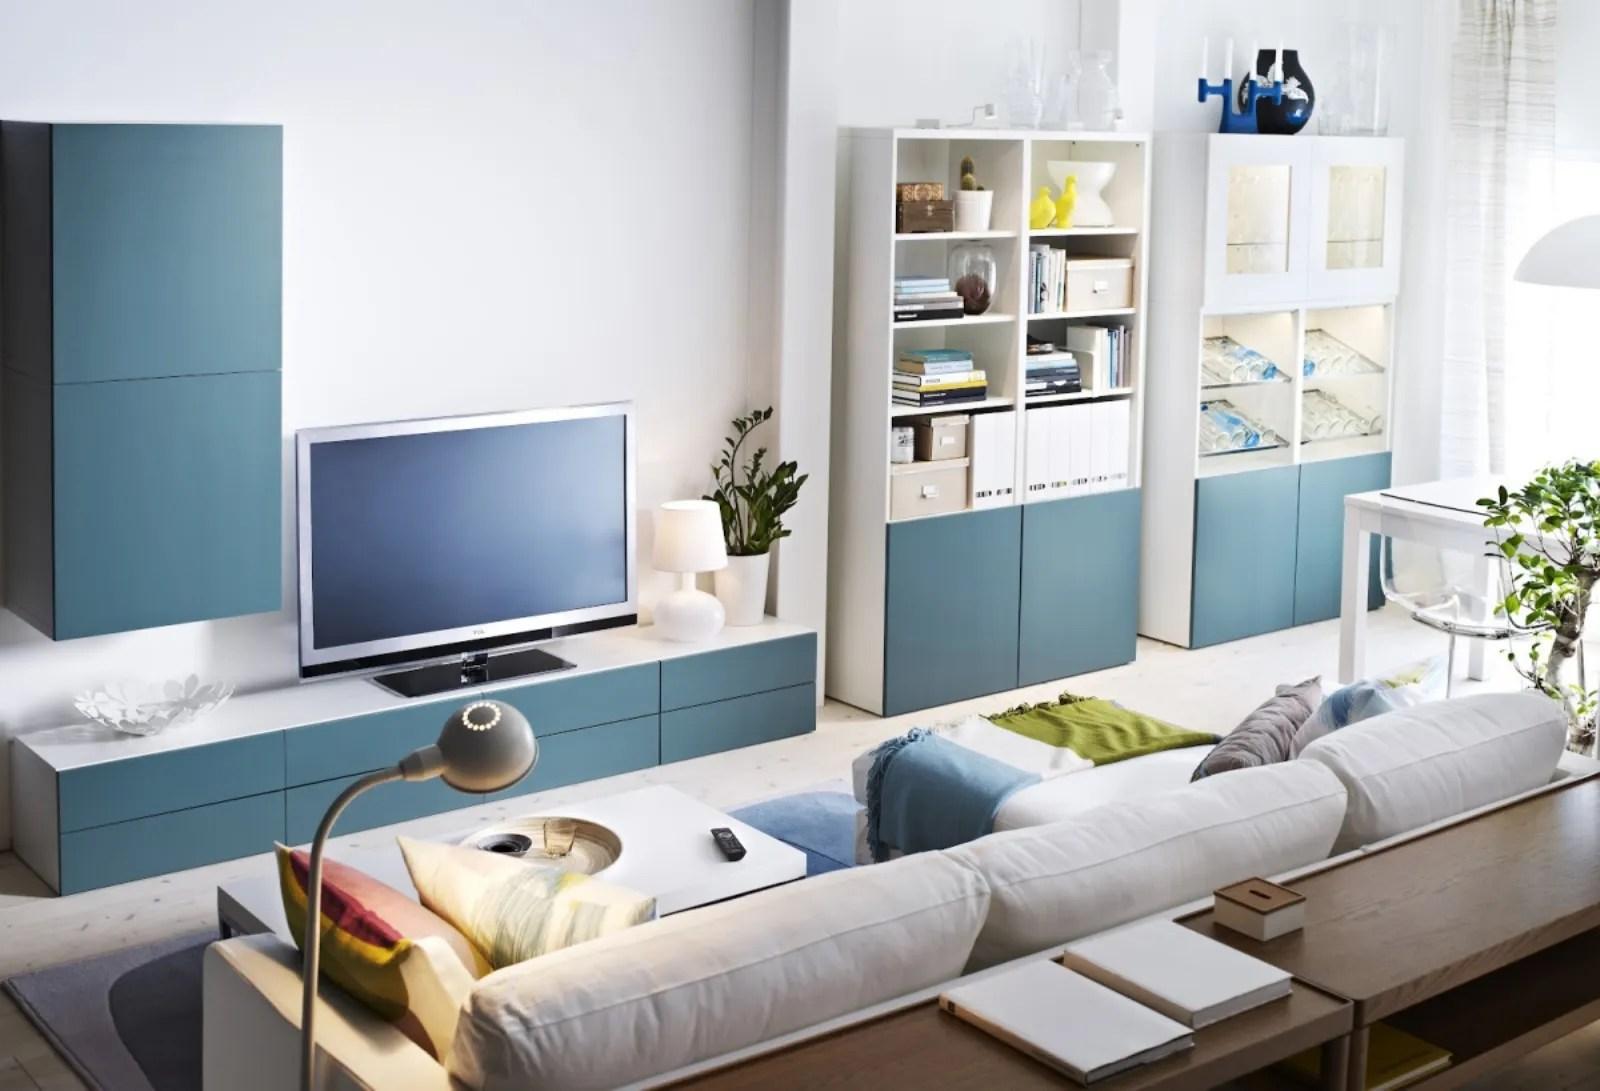 Ikea Besta un nome per mille soluzioni  Mobili Soggiorno